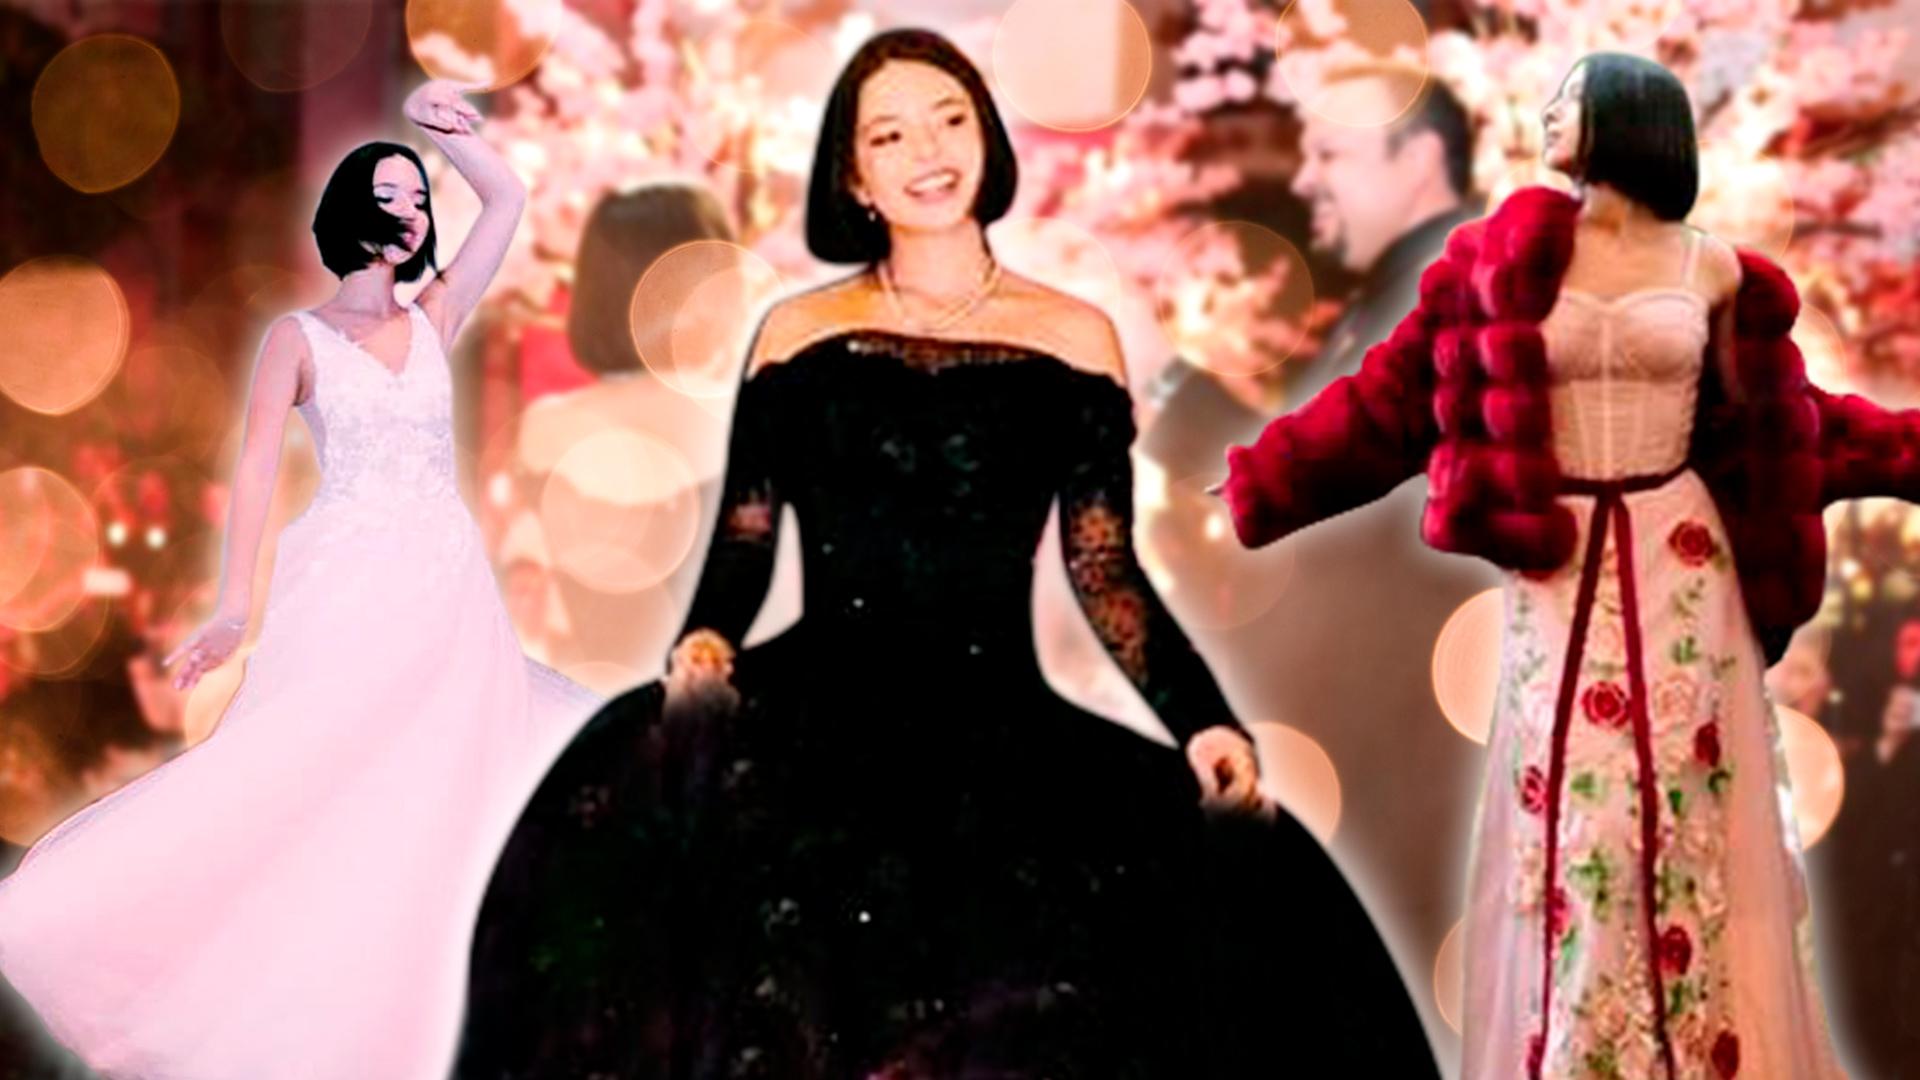 37e01e2f2e Con cuatro vestidos (incluido uno negro) Ángela Aguilar festejó su fiesta  de XV años